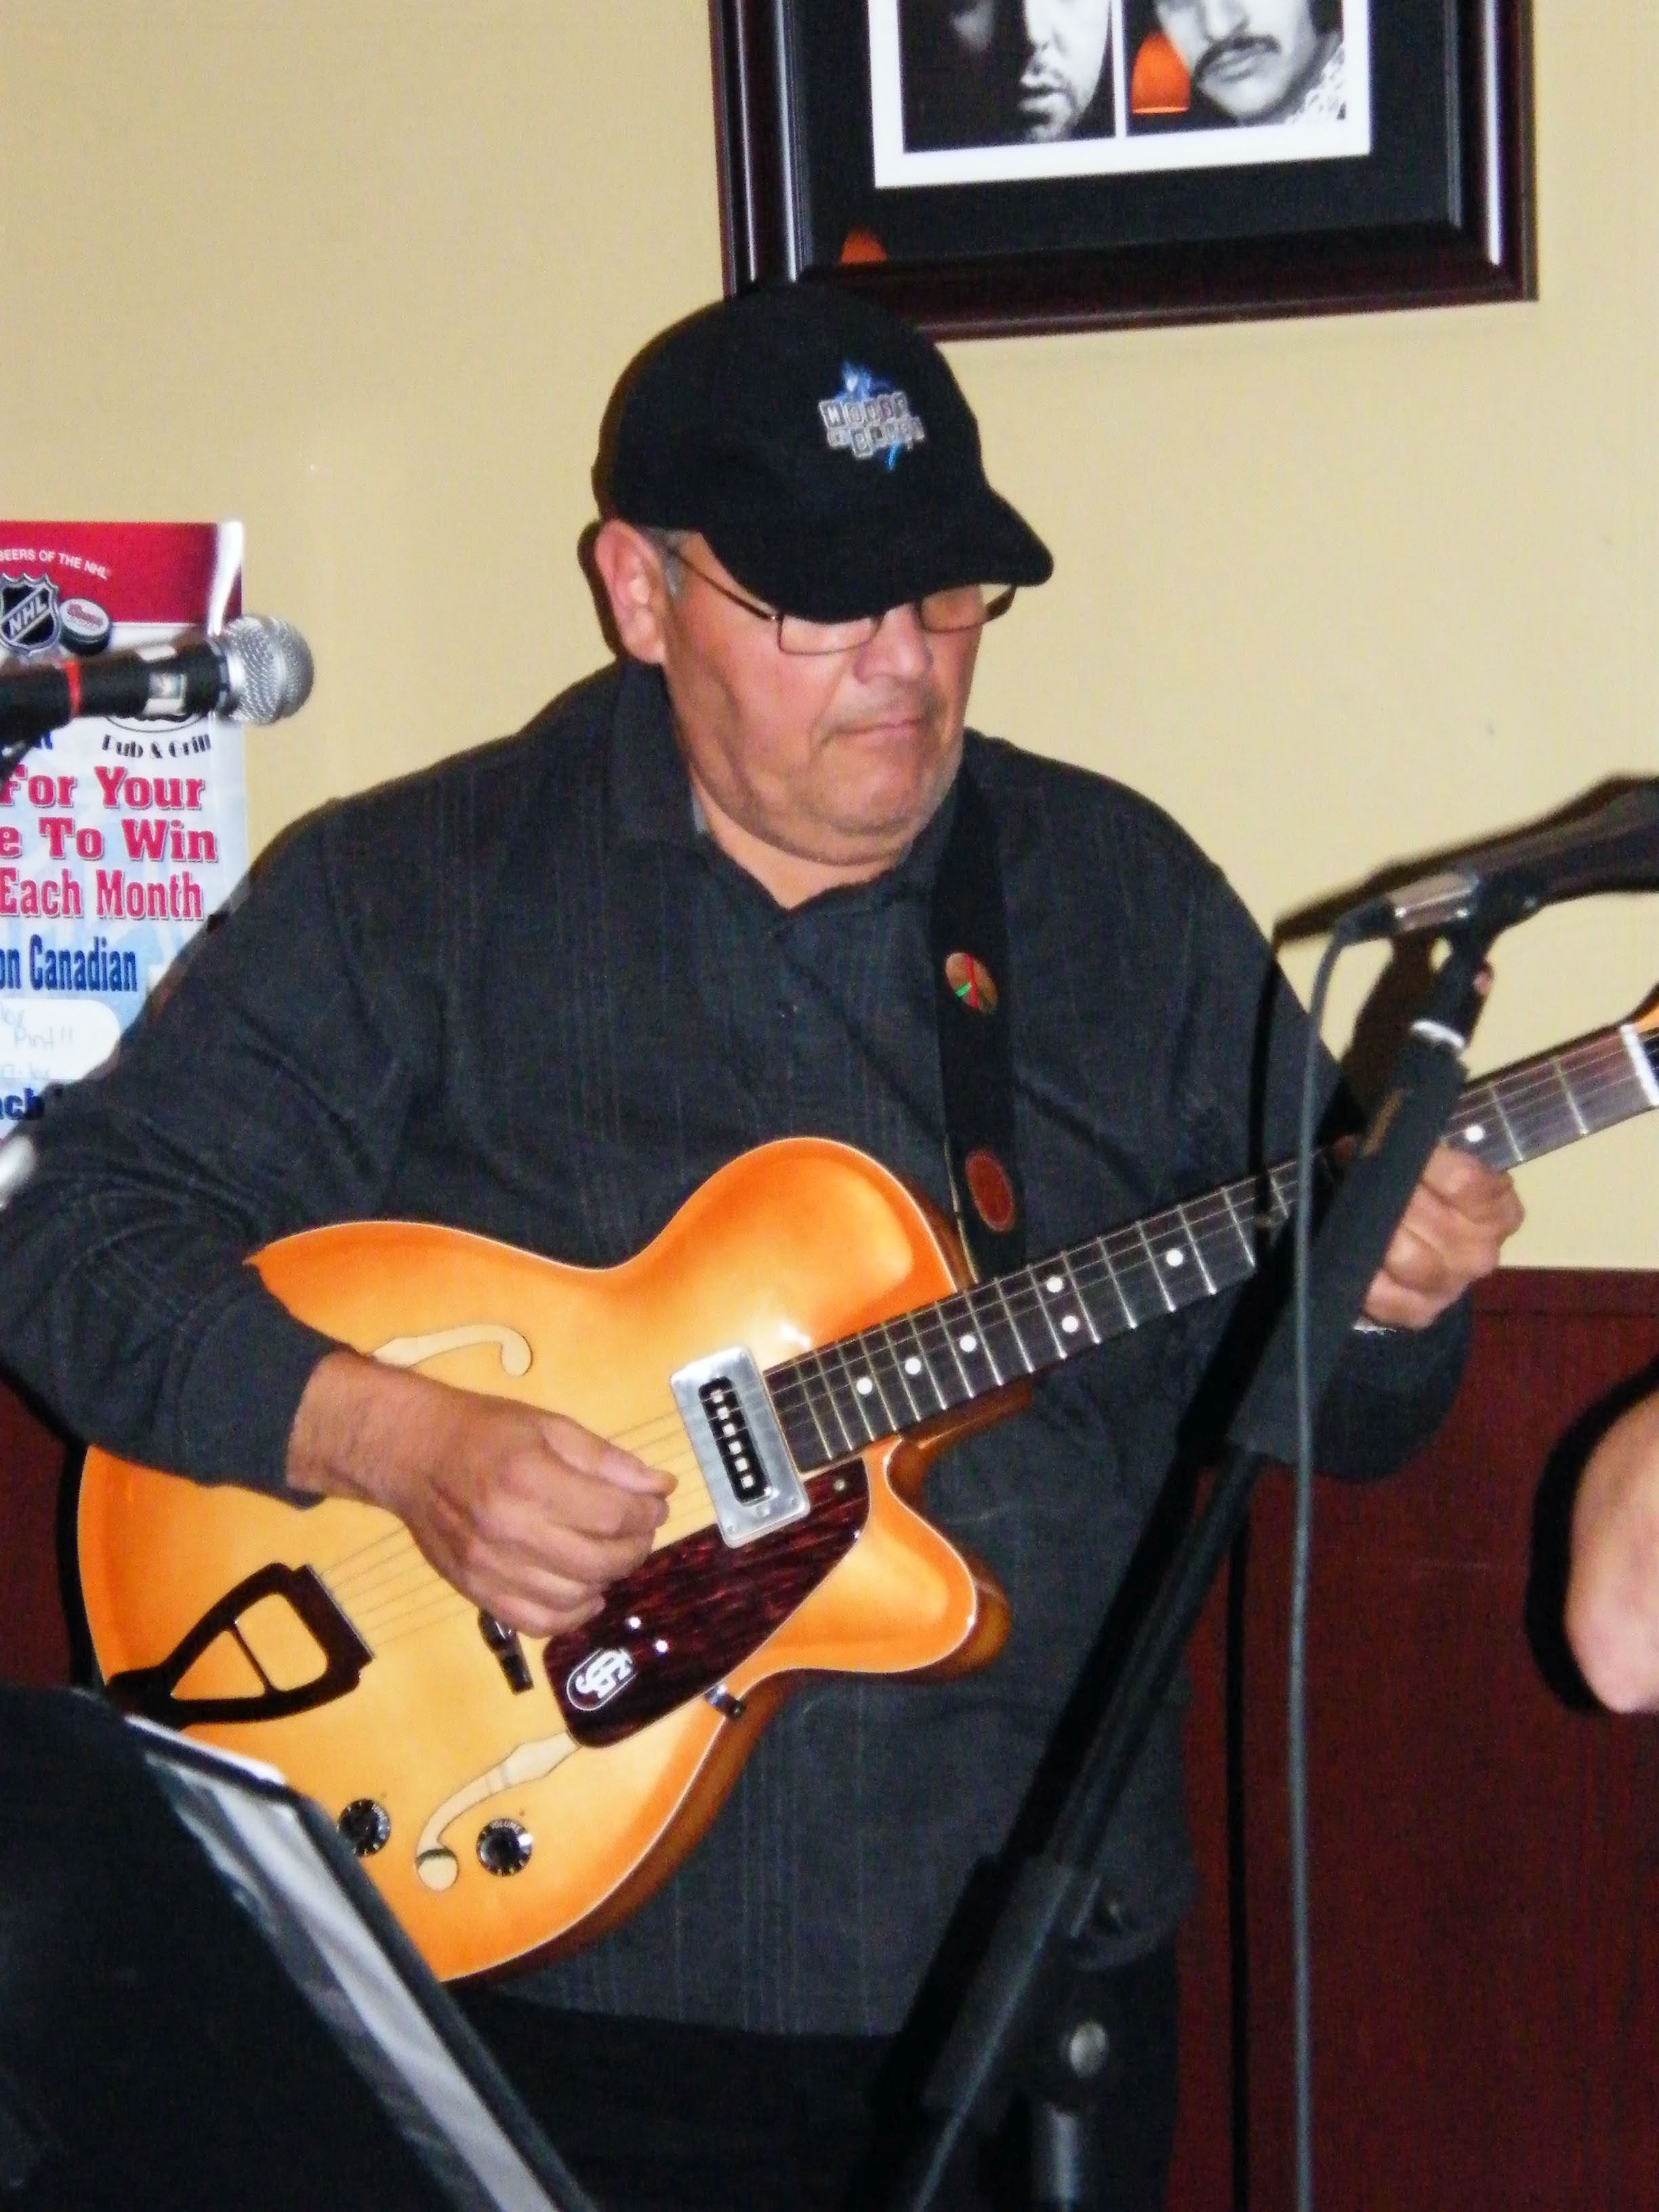 Big Louis playing guitar